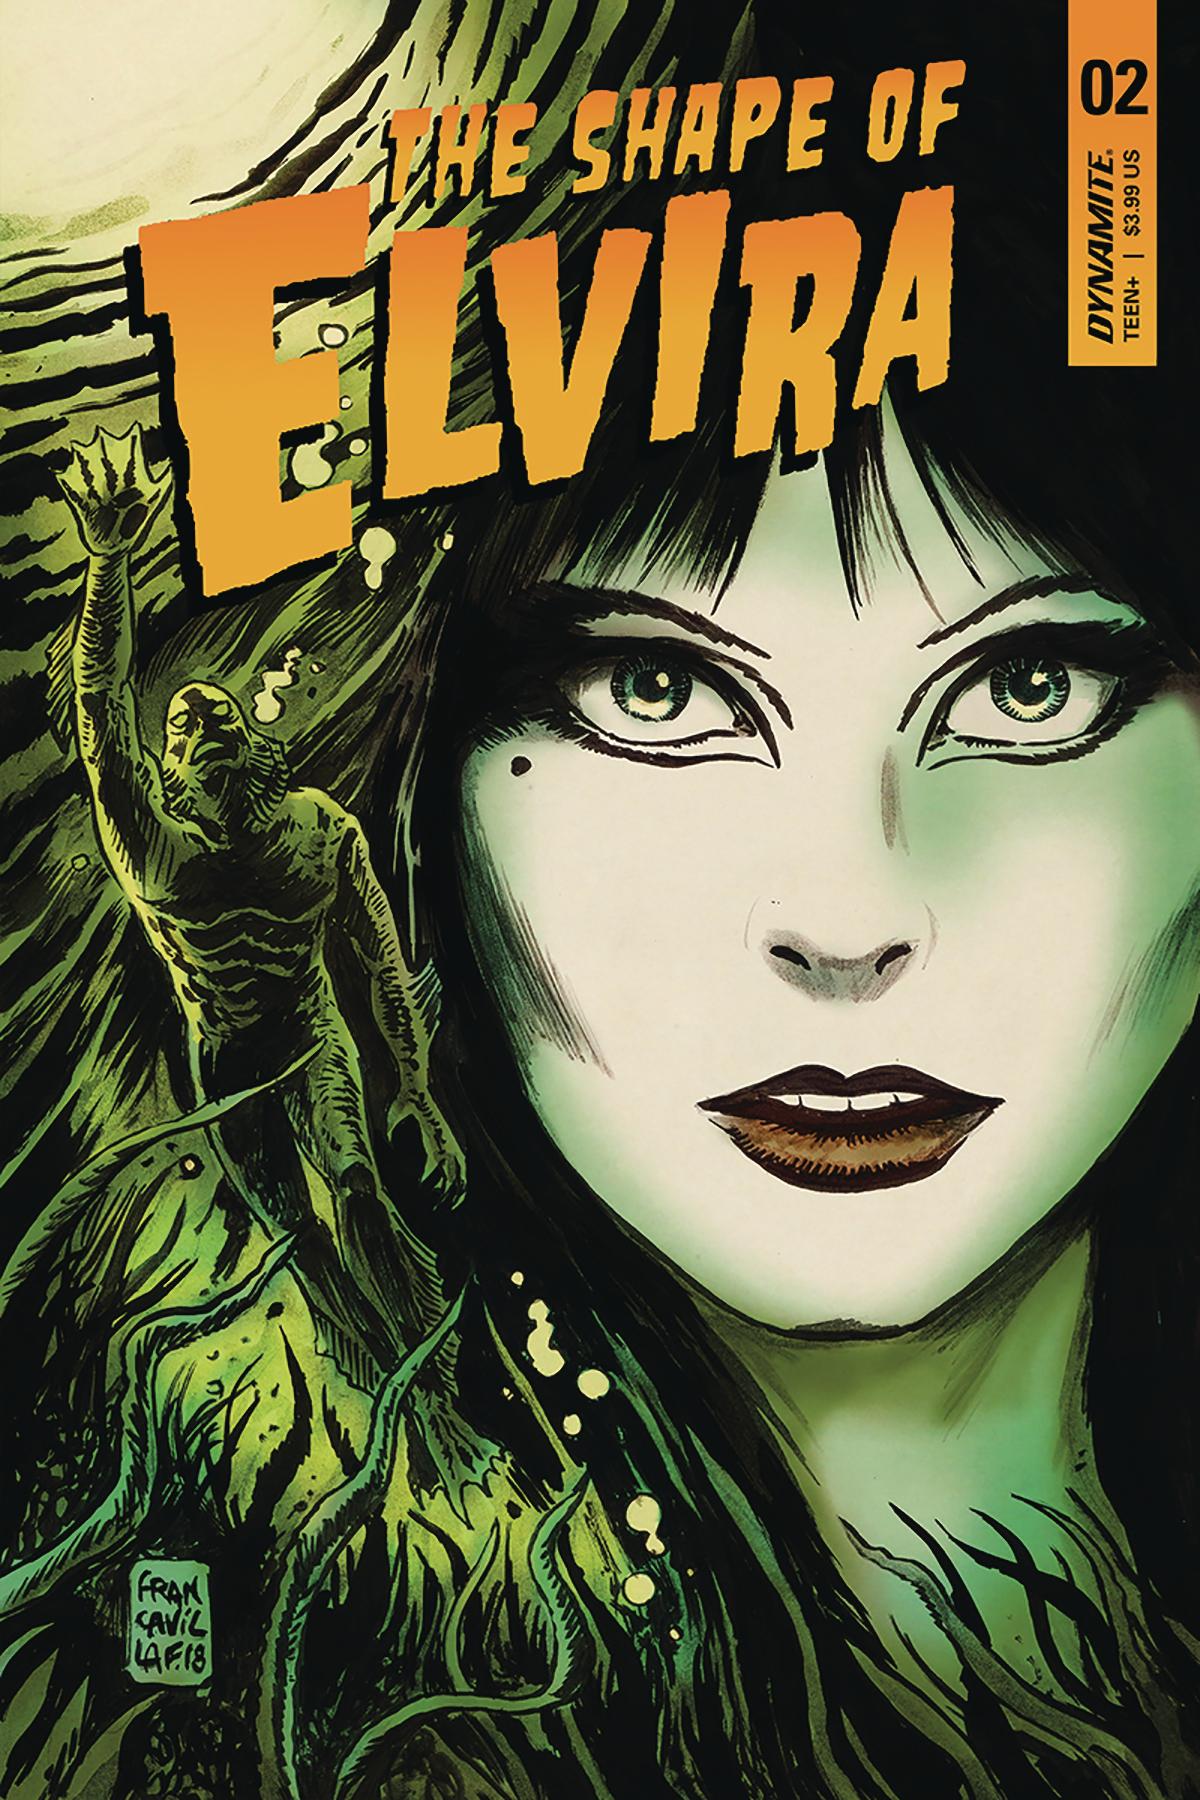 ELVIRA SHAPE OF ELVIRA #2 CVR A FRANCAVILLA